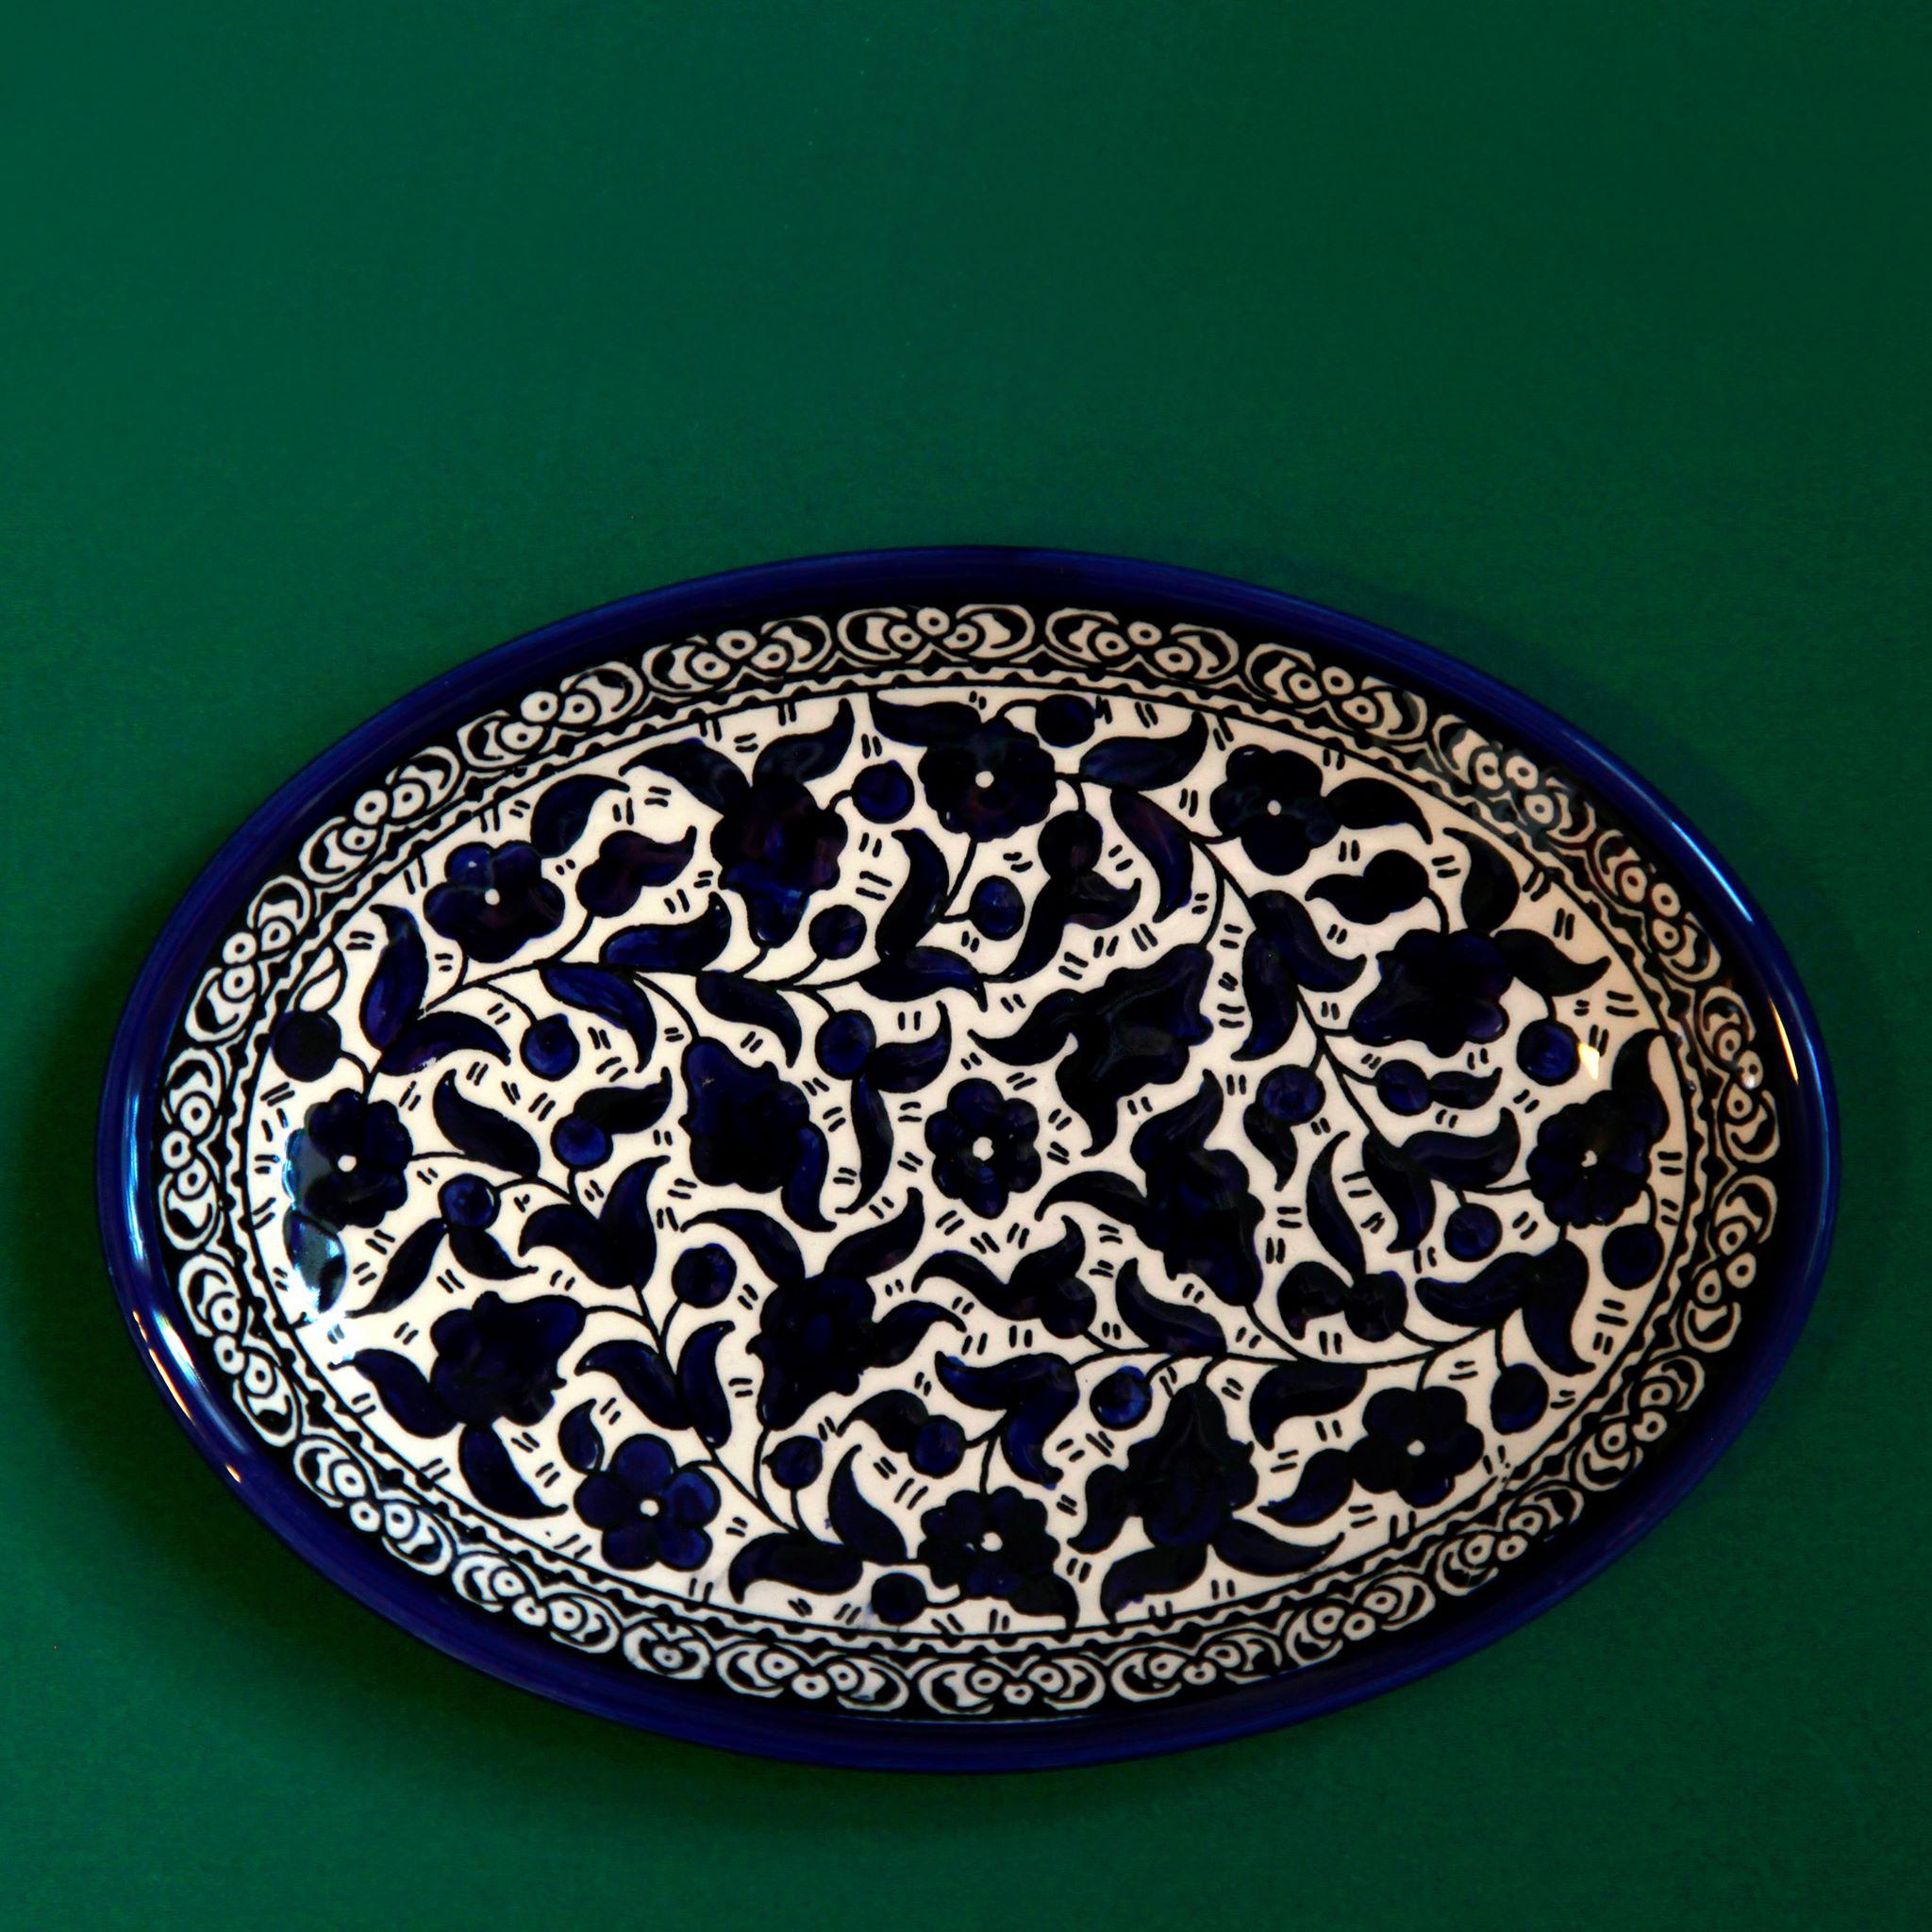 Stort ovalt keramikkfat, blått